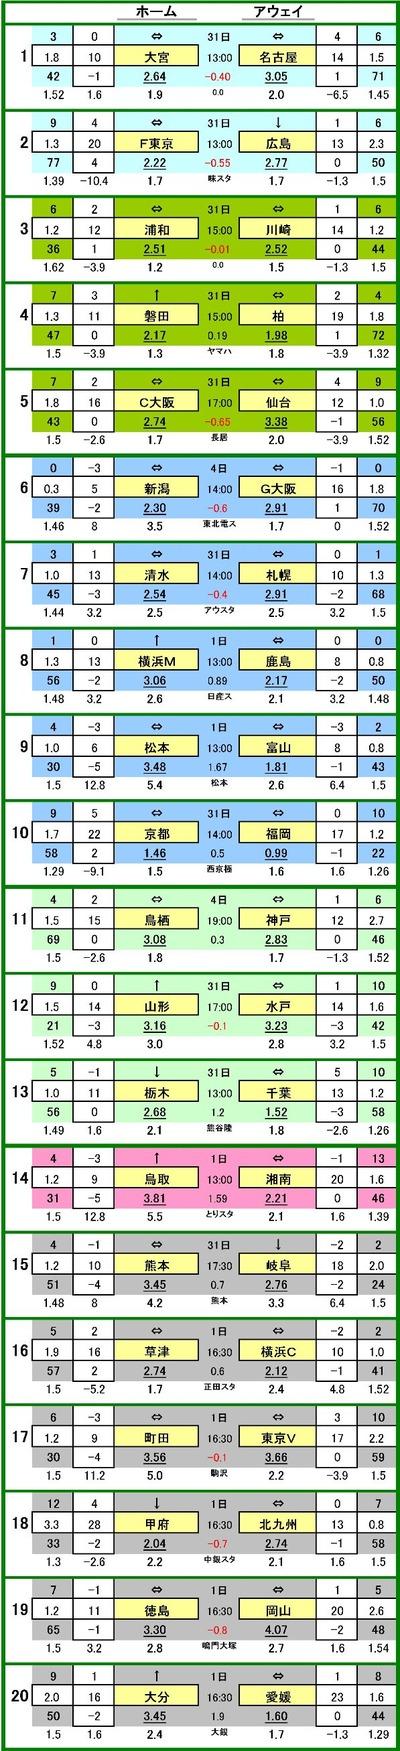 第555 回toto対戦データ一覧  1 大宮アルディージャ VS 名古屋グランパス 30.0 % 35.0 % 35.0 %  2 FC東京 VS サンフレッチェ広島 32.5 % 31.3 % 36.2 %  3 浦和レッズ VS 川崎フロンターレ 23.5 % 44.7 % 31.8 %  4 ジュビロ磐田 VS 柏レイソル 33.2 % 40.3 % 26.5 %  5 セレッソ大阪 VS ベガルタ仙台 34.1 % 28.9 % 37.0 %  6 アルビレックス新潟 VS ガンバ大阪 33.4 % 30.0 % 36.7 %  7 清水エスパルス VS コンサドーレ札幌 29.4 % 35.8 % 34.7 %  8 横浜F・マリノス VS 鹿島アントラーズ 39.1 % 22.7 % 38.2 %  9 松本山雅 VS カターレ富山 48.8 % 11.3 % 40.0 %  10 京都サンガ VS アビスパ福岡 35.6 % 33.1 % 31.3 %  11 サガン鳥栖 VS ヴィッセル神戸 33.8 % 38.7 % 27.5 %  12 モンテディオ山形 VS 水戸ホーリーホック 24.5 % 43.3 % 32.2 %  13 栃木SC VS ジェフ千葉 57.5 % 2.5 % 40.0 %  14 ガイナーレ鳥取 VS 湘南ベルマーレ 48.8 % 11.3 % 40.0 %  15 ロアッソ熊本 VS FC岐阜 37.4 % 27.8 % 34.8 %  16 ザスパ草津 VS 横浜FC 36.8 % 29.5 % 33.7 %  17 FC町田ゼルビア VS 東京ヴェルディ 24.9 % 42.6 % 32.5 %  18 ヴァンフォーレ甲府 VS ギラヴァンツ北九州 34.9 % 27.6 % 37.5 %  19 徳島ヴォルティス VS ファジアーノ岡山 36.2 % 25.8 % 38.1 %  20 大分トリニータ VS 愛媛FC 48.8 % 11.3 % 40.0 %